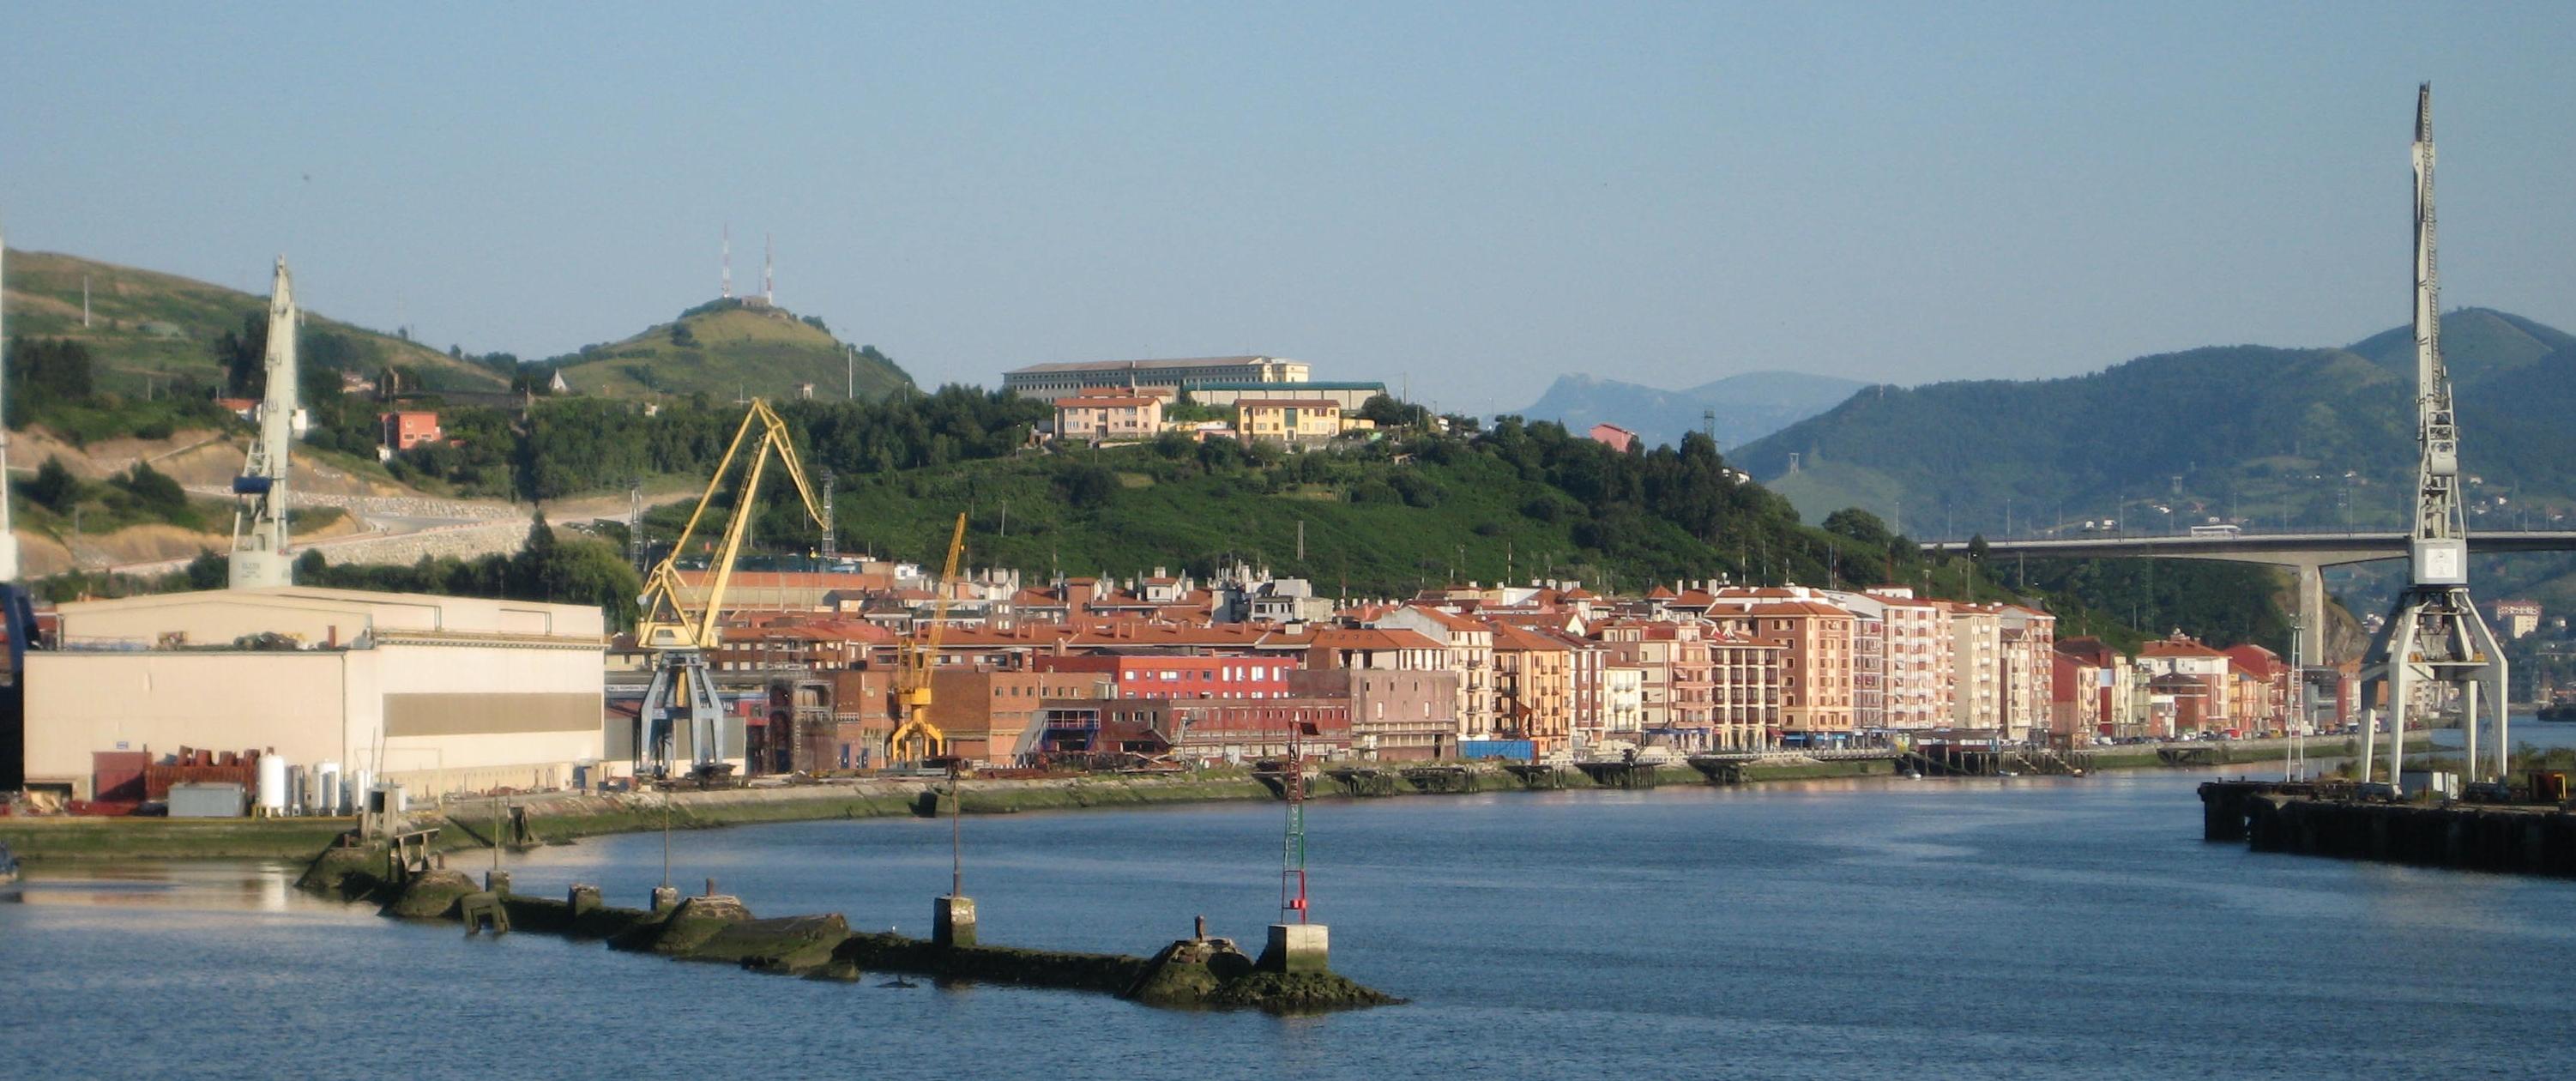 Noticias frescas (y malas) sobre el bidegorri Getxo-Bilbao